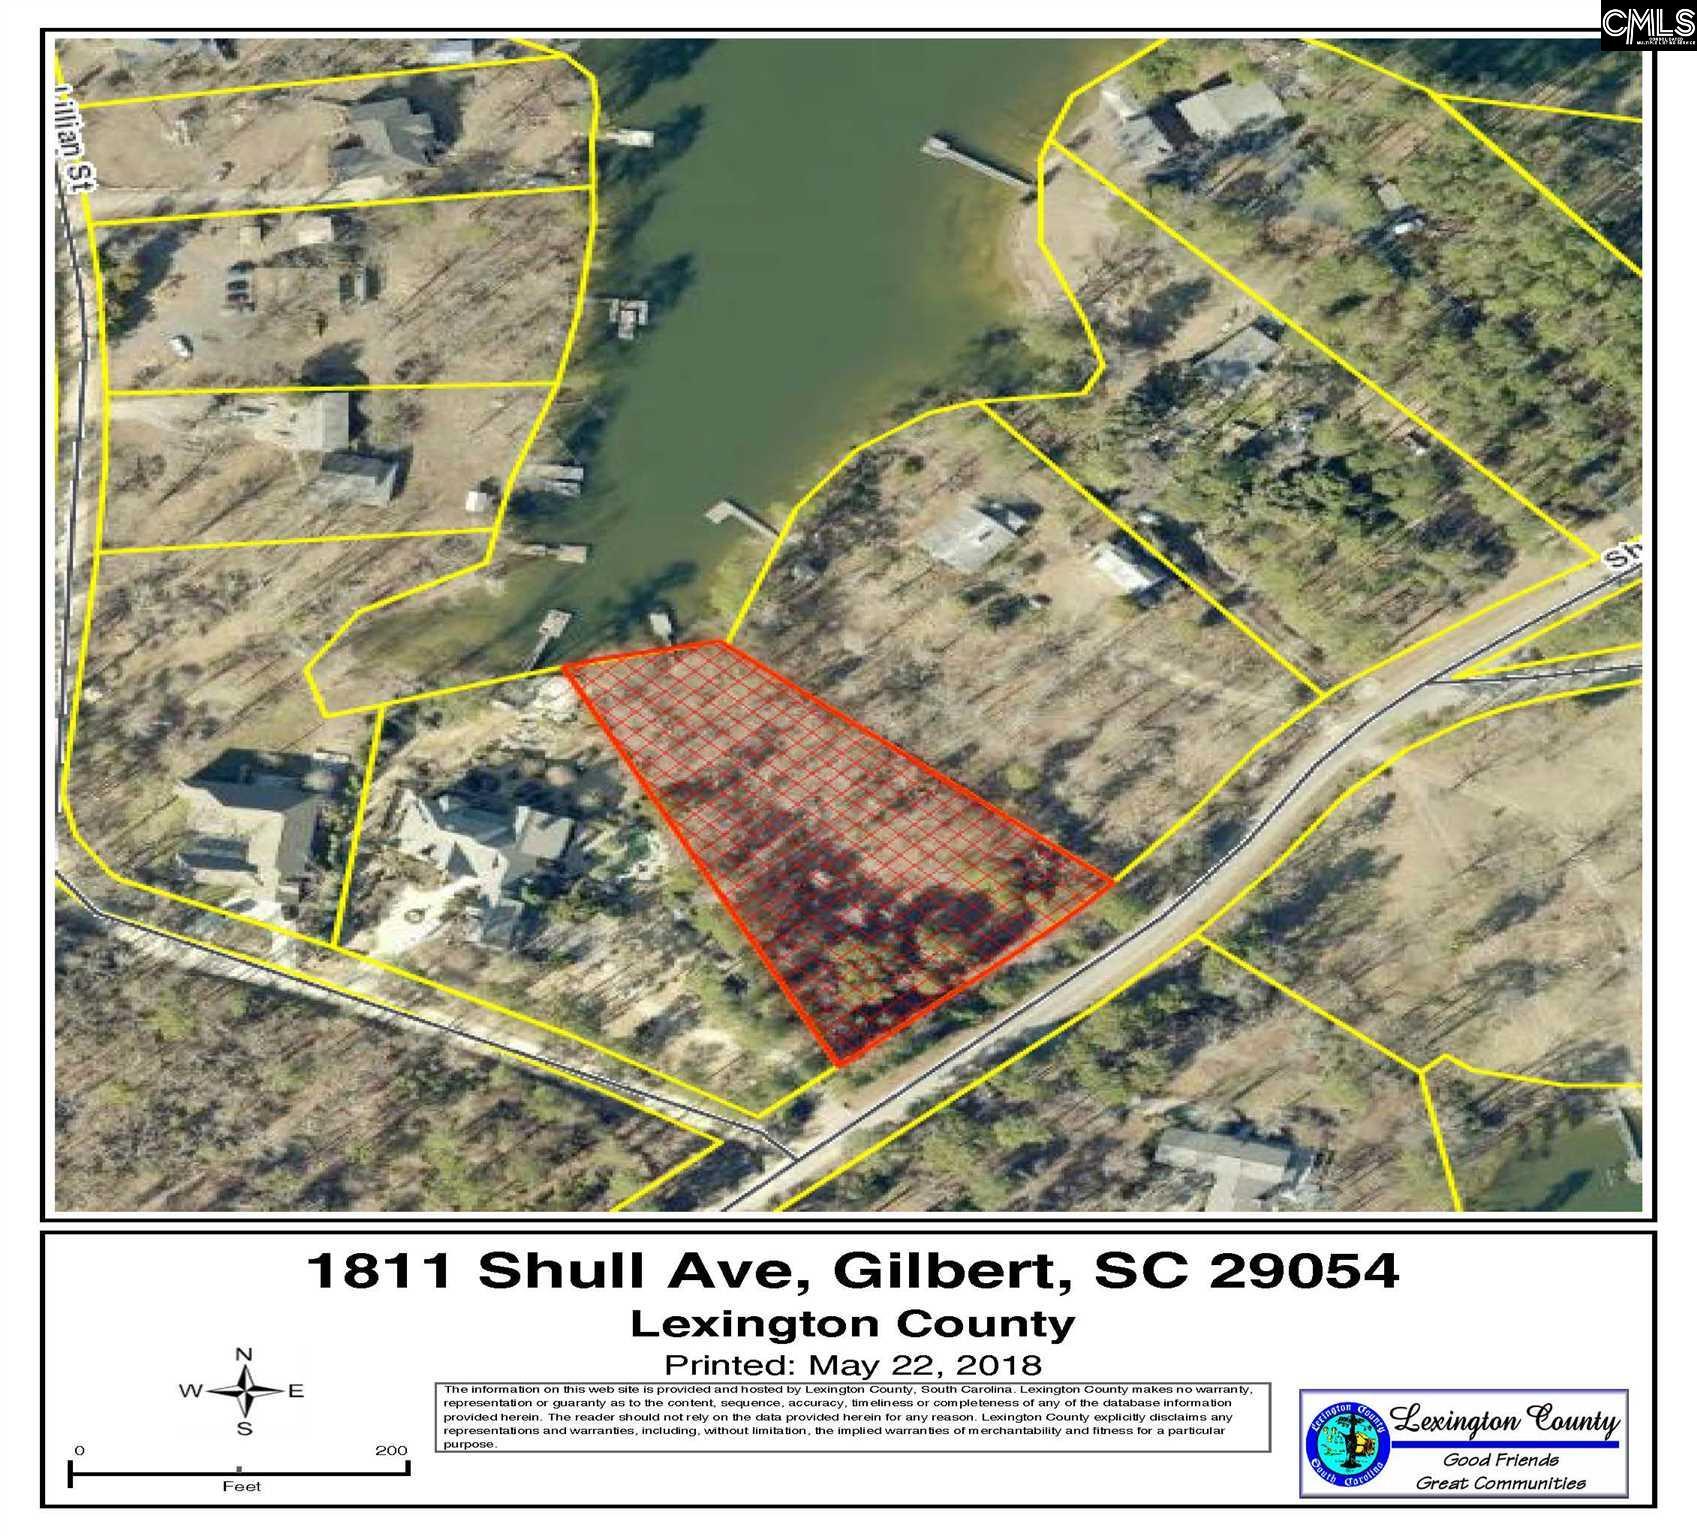 1811 Shull Ave Gilbert, SC 29054